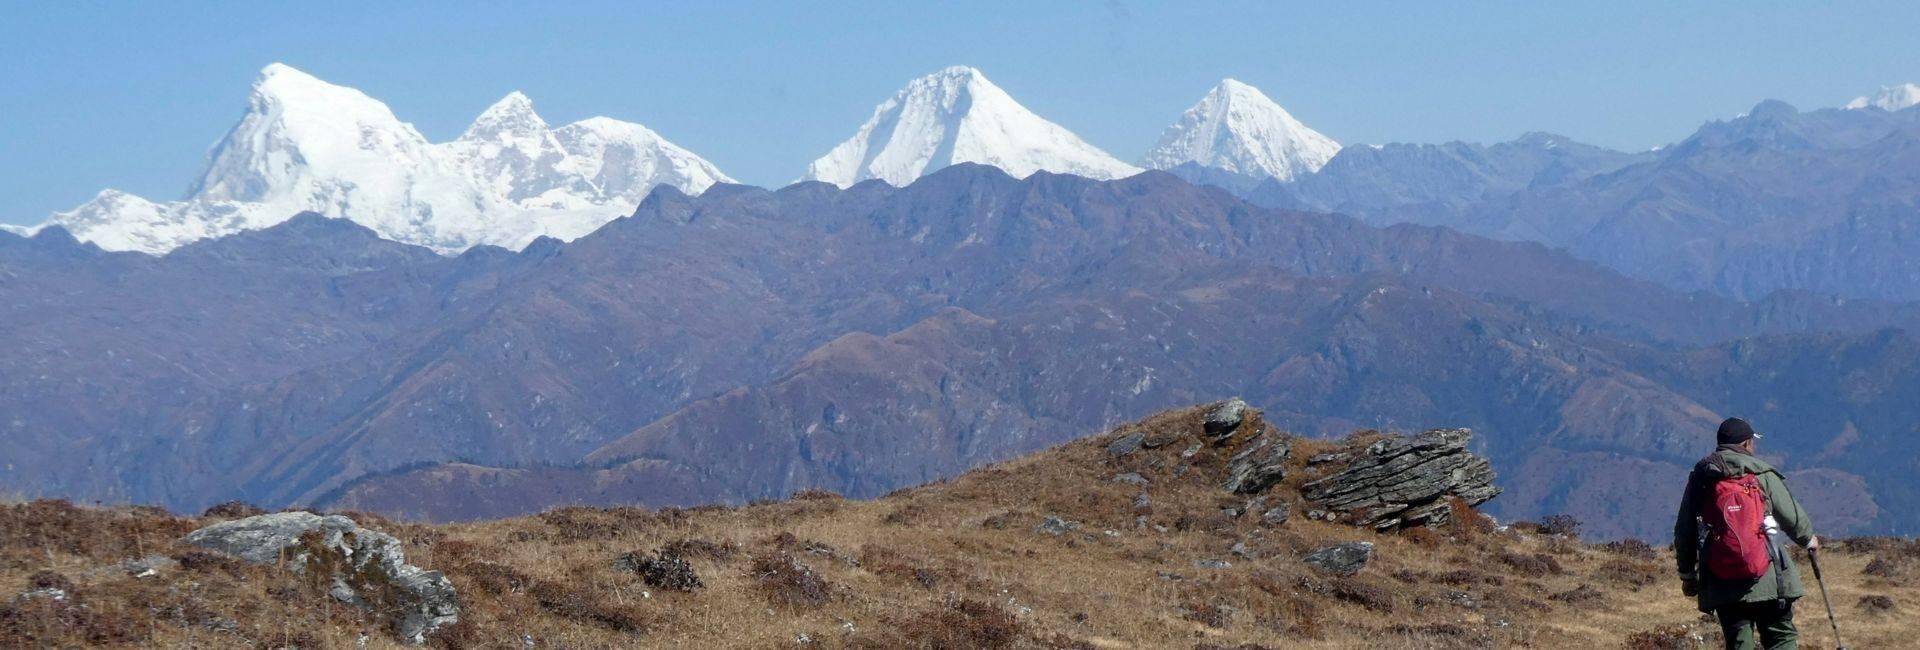 Haa Valley Pilgrims trek in Bhutan